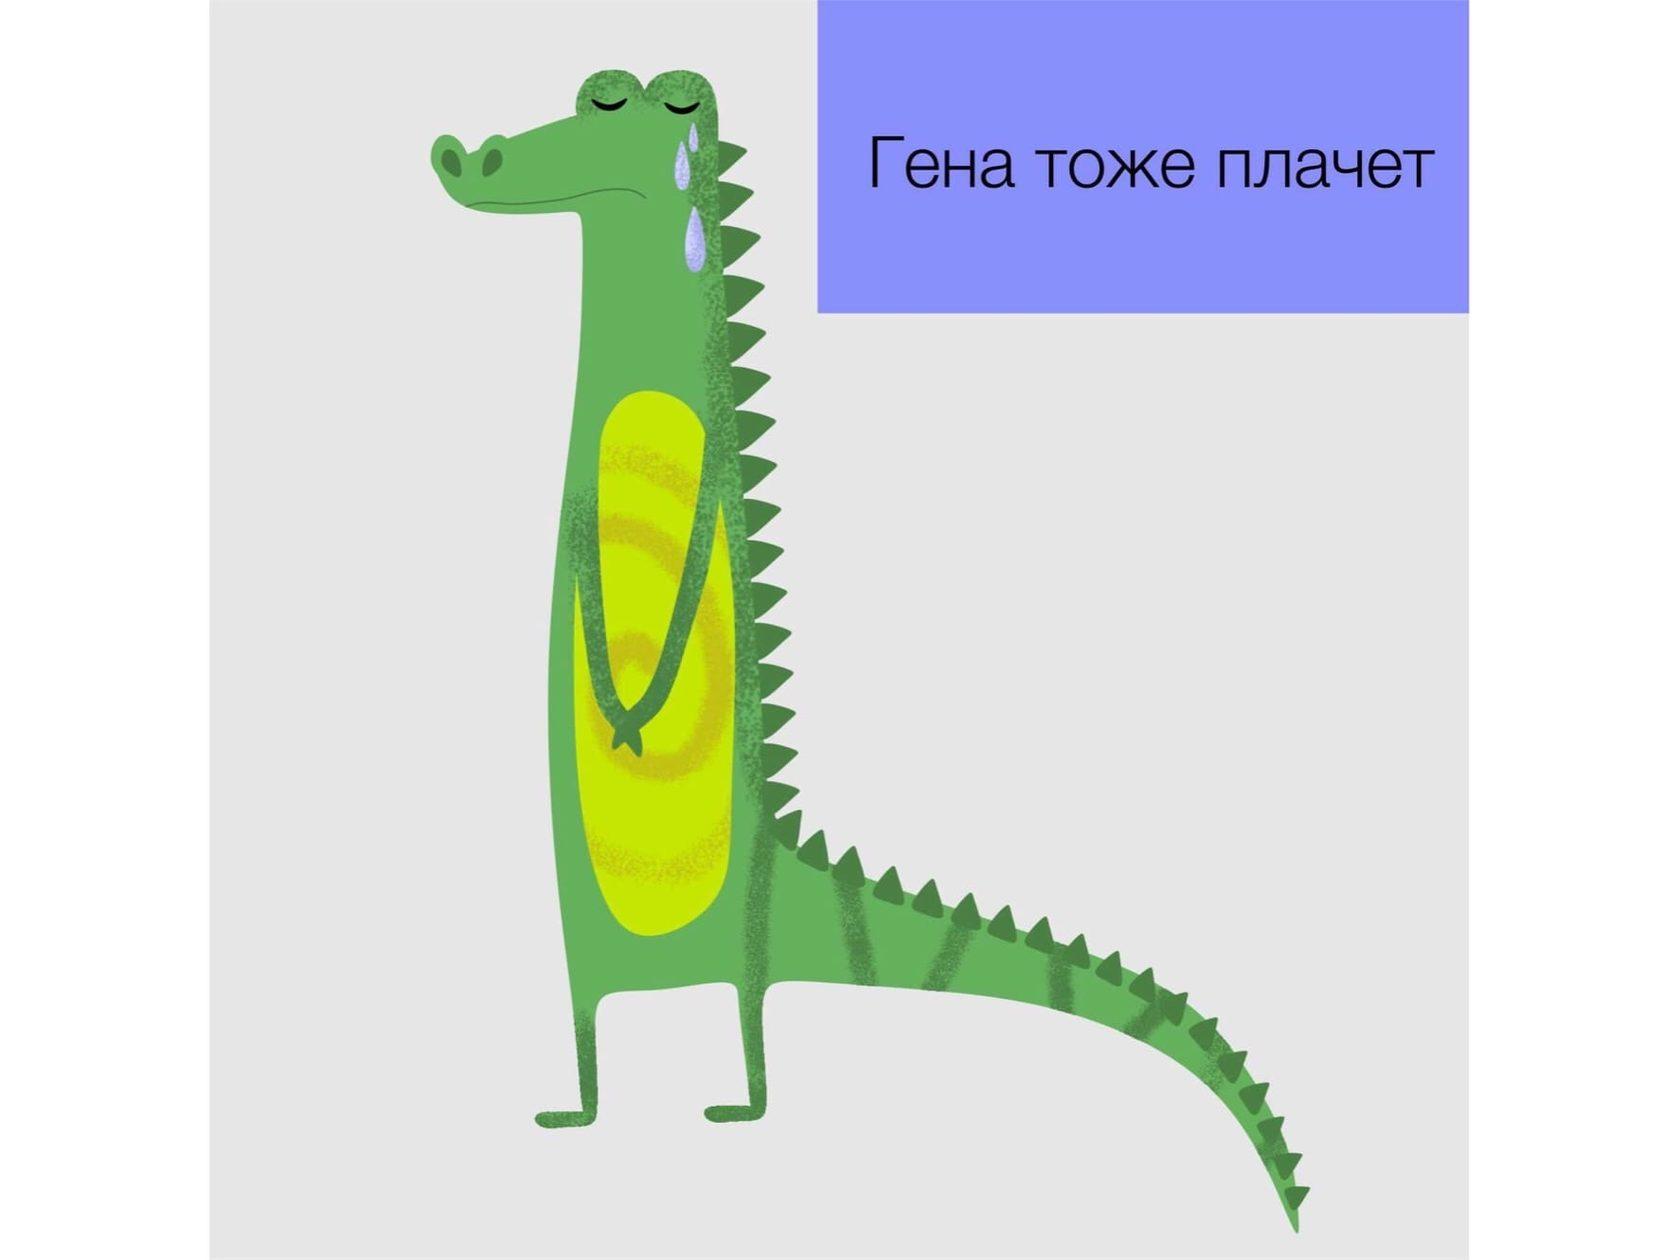 Крокодил плачет потому что не знает математику